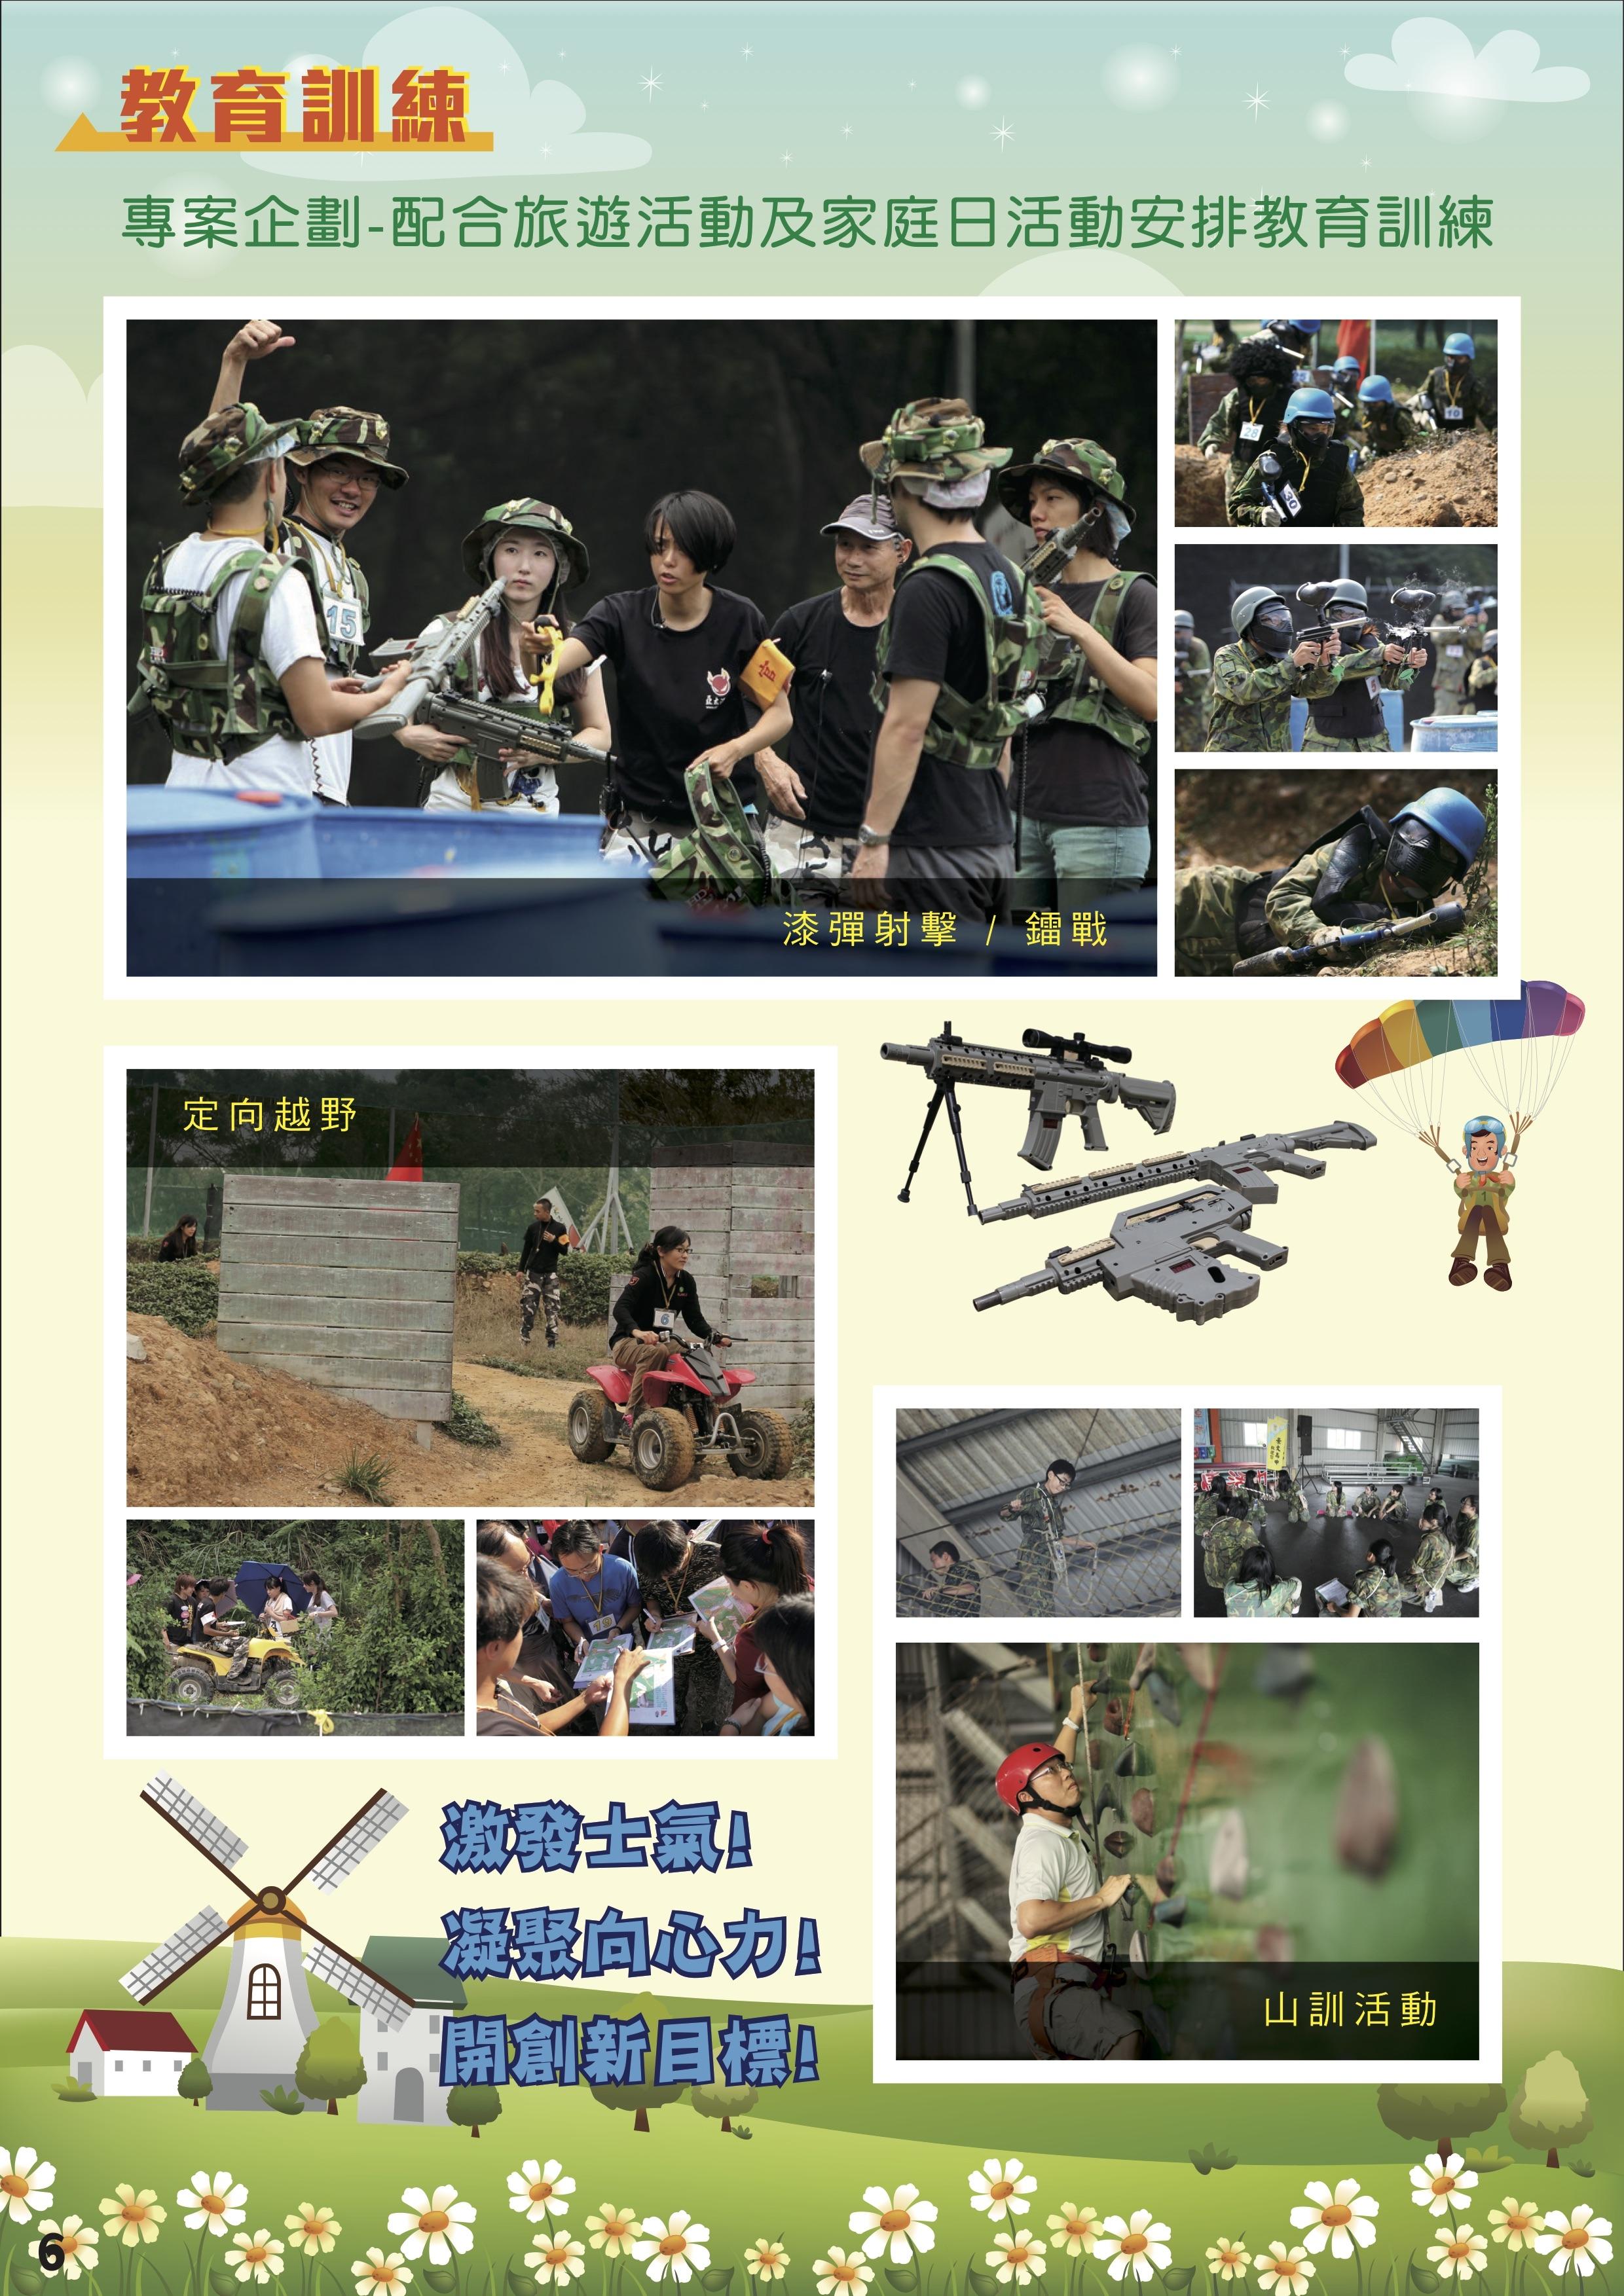 野戰山訓體驗營